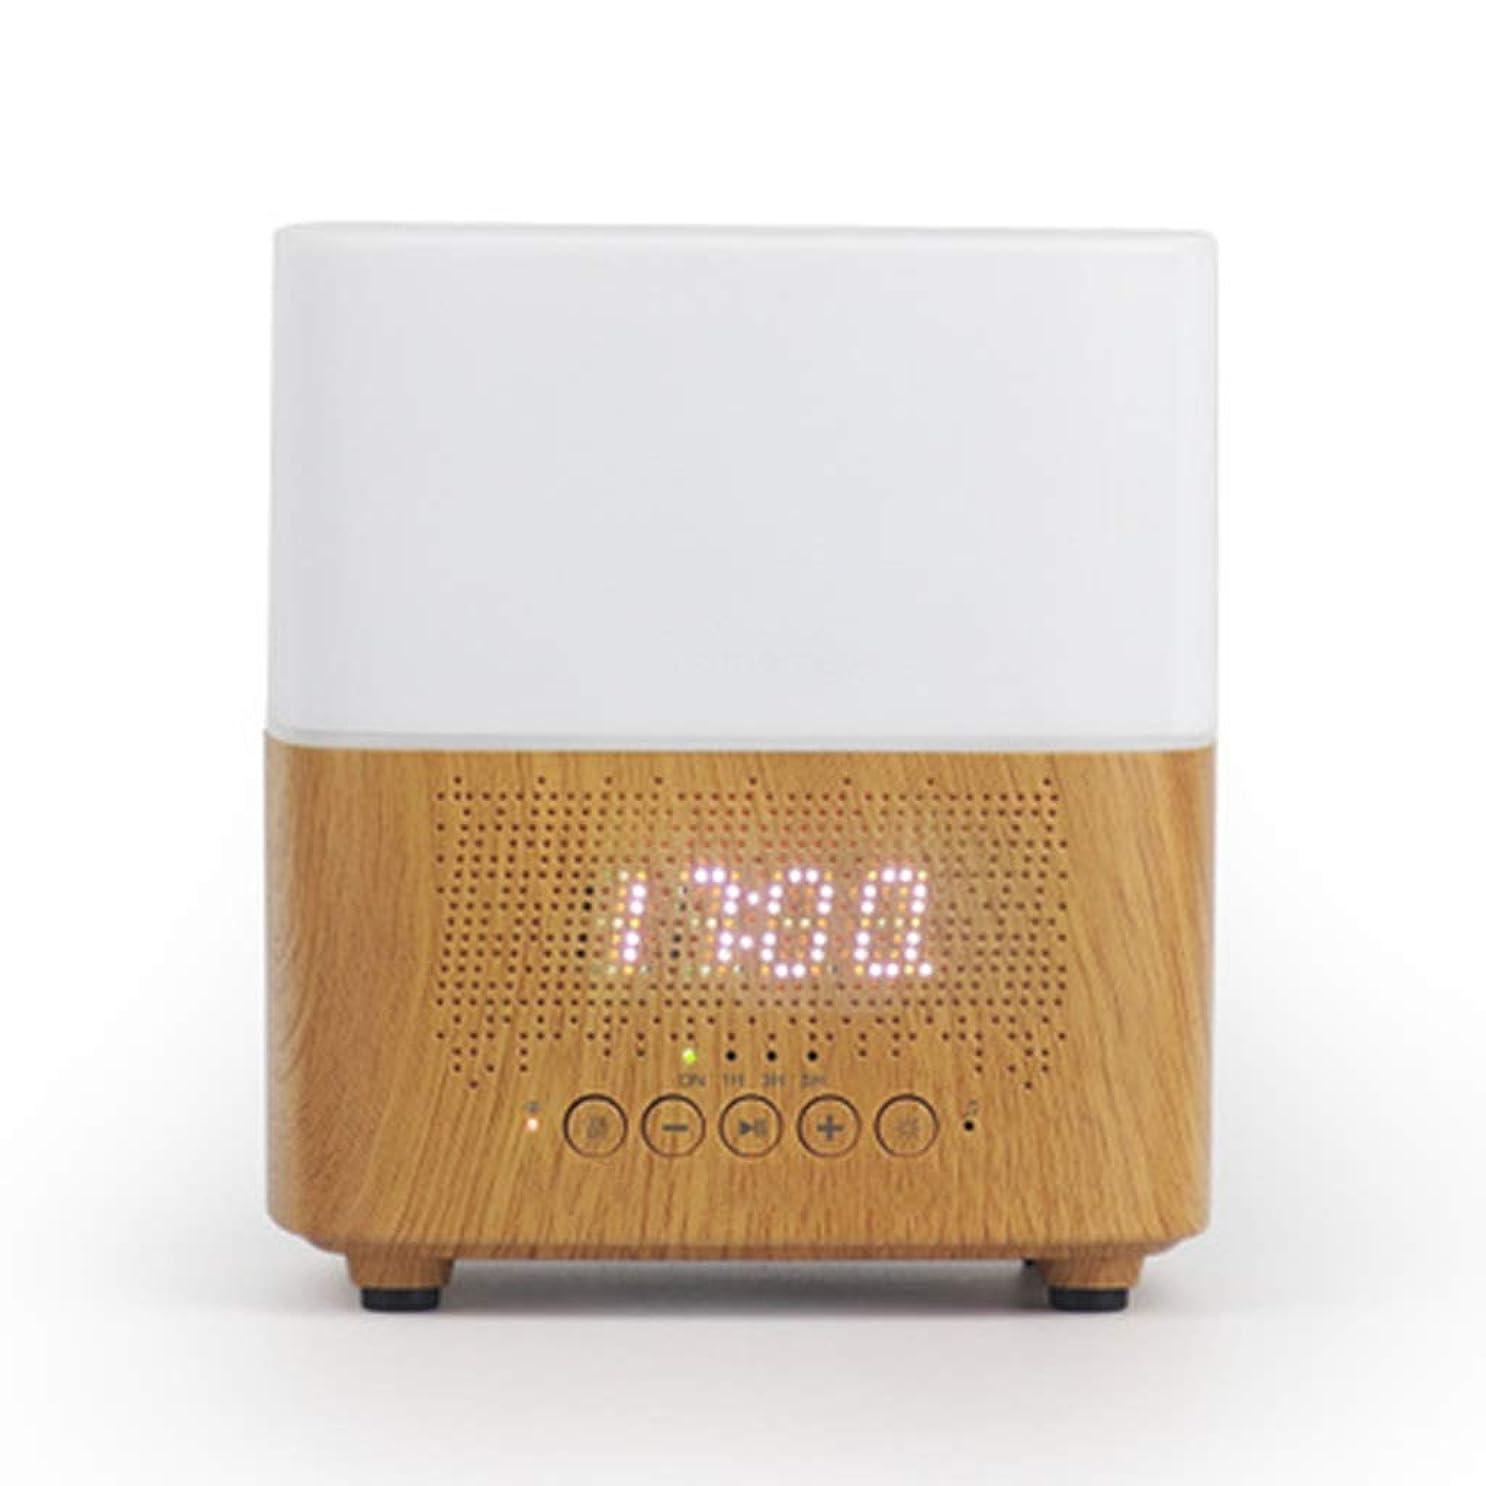 回想管理者リーダーシップブルートゥースのスピーカー機械LED時計の目覚まし時計の夜ライト加湿器 (Color : White)